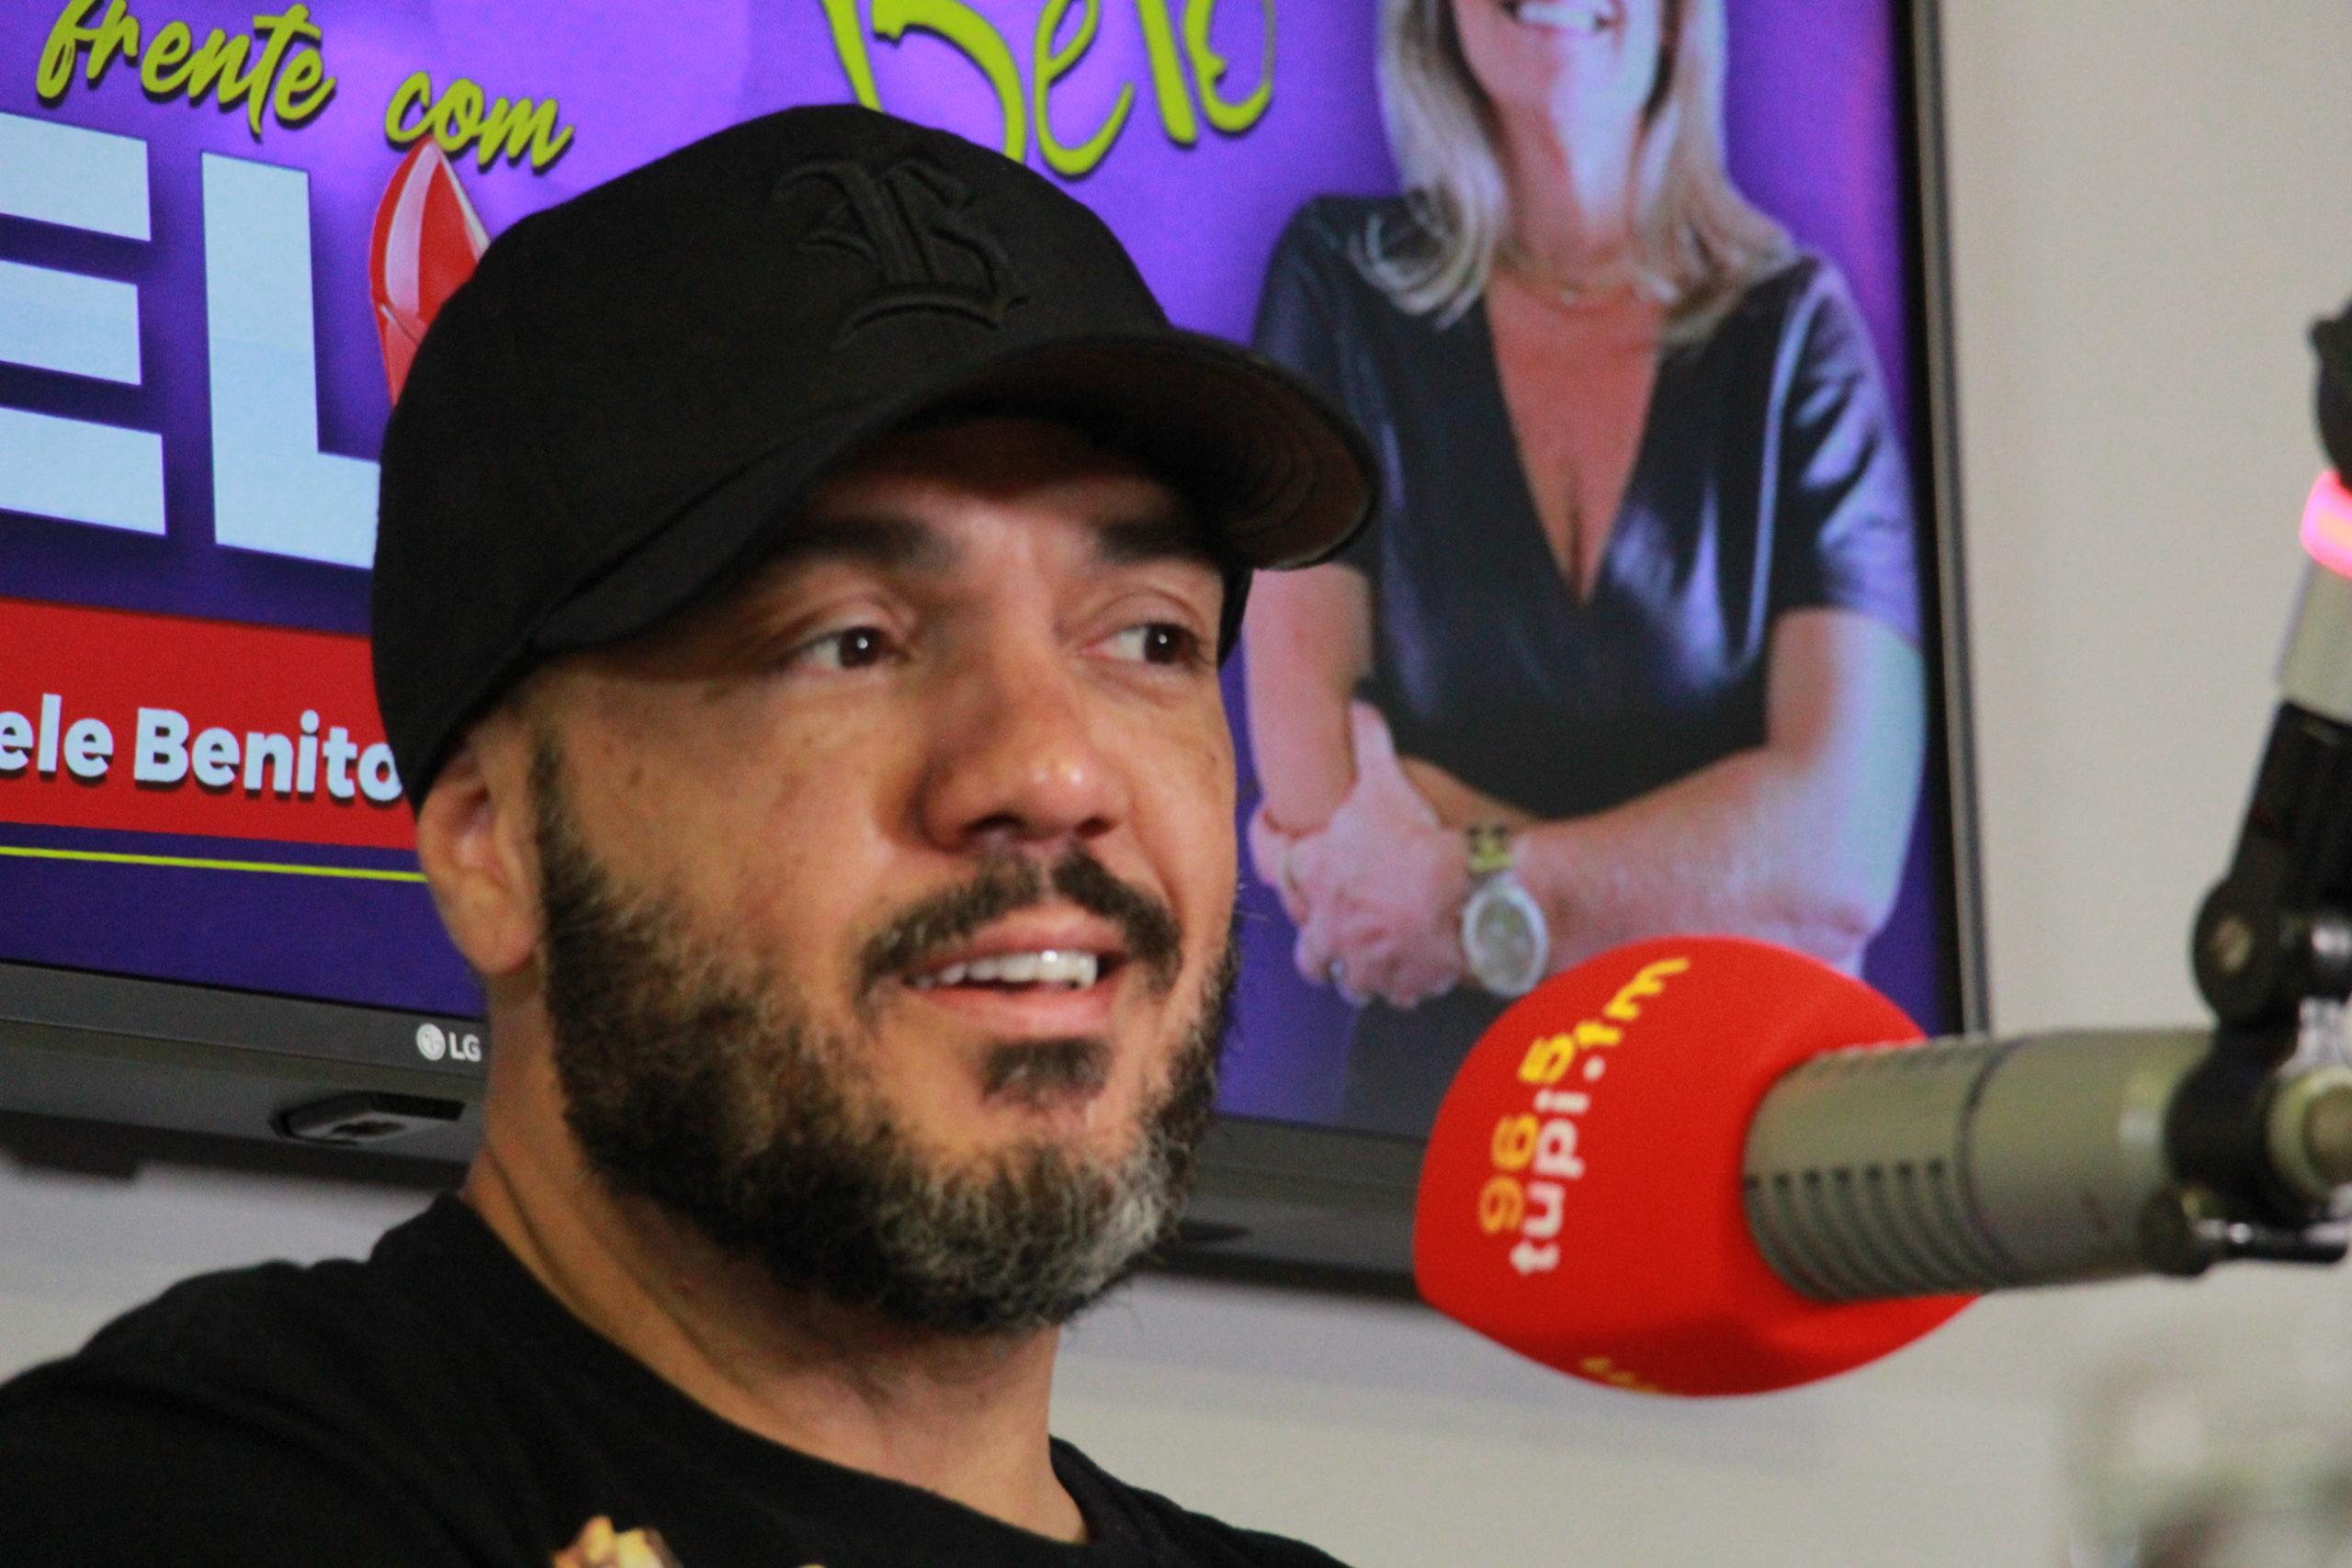 Cantor Belo em entrevista para a Super Rádio Tupi